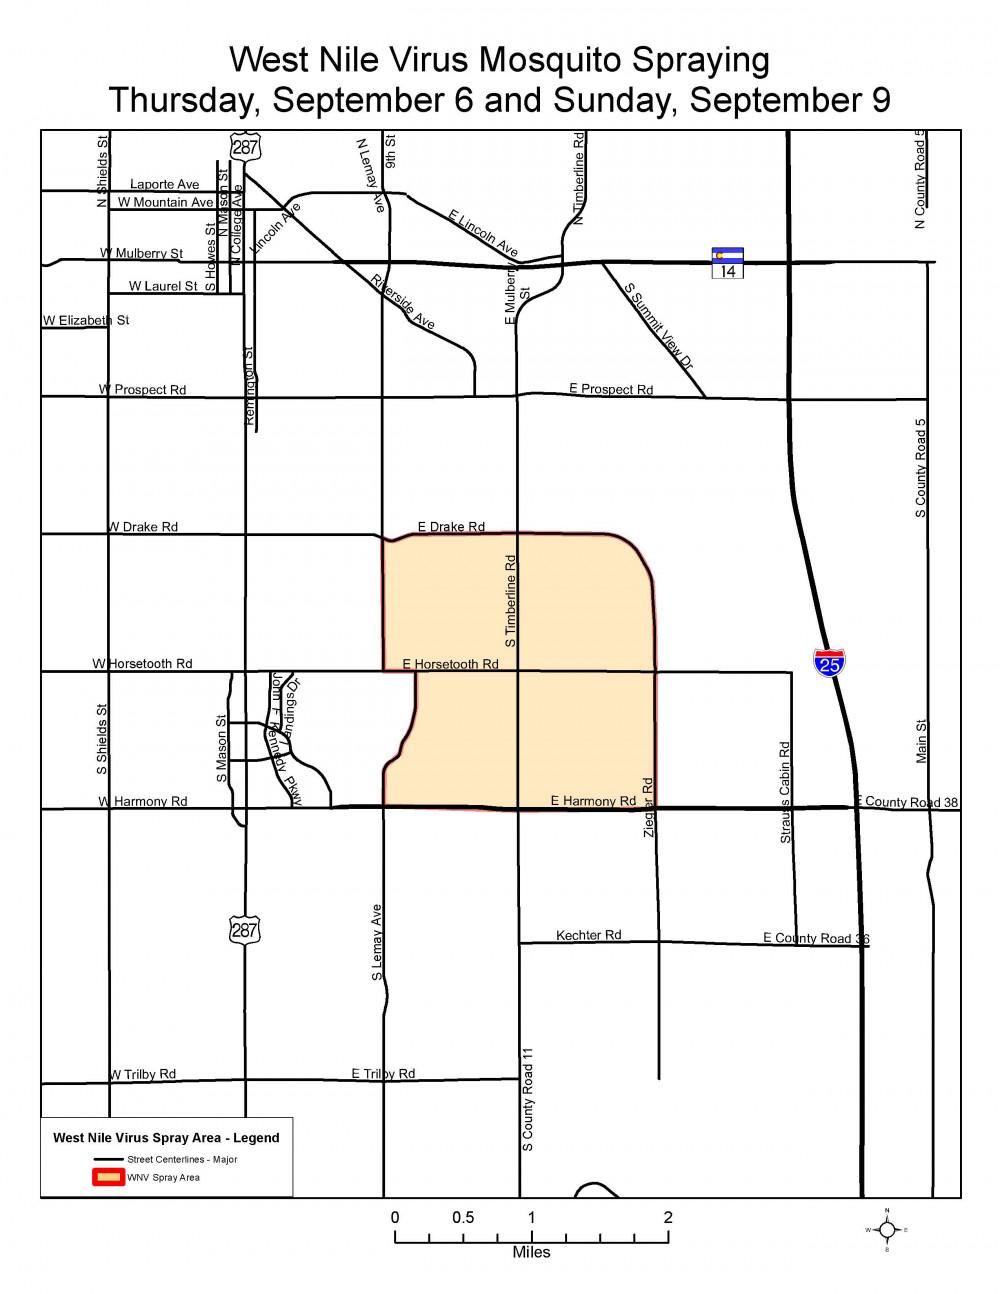 El Map de la fumigación este jueves y domingo.